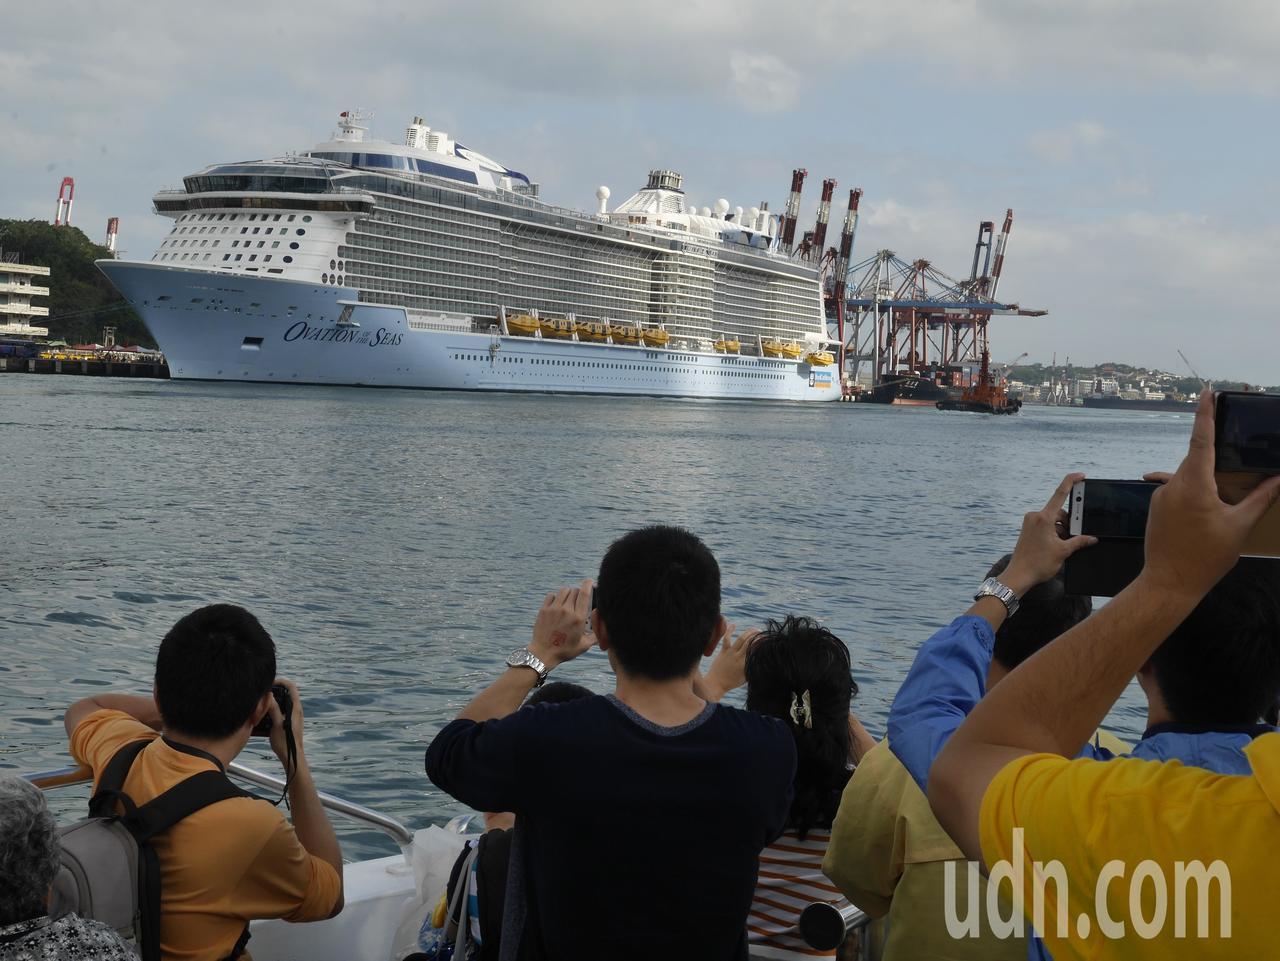 上個月亞洲最大郵輪「海洋贊禮號」首航基隆港,讓人驚豔。圖/本報資料照